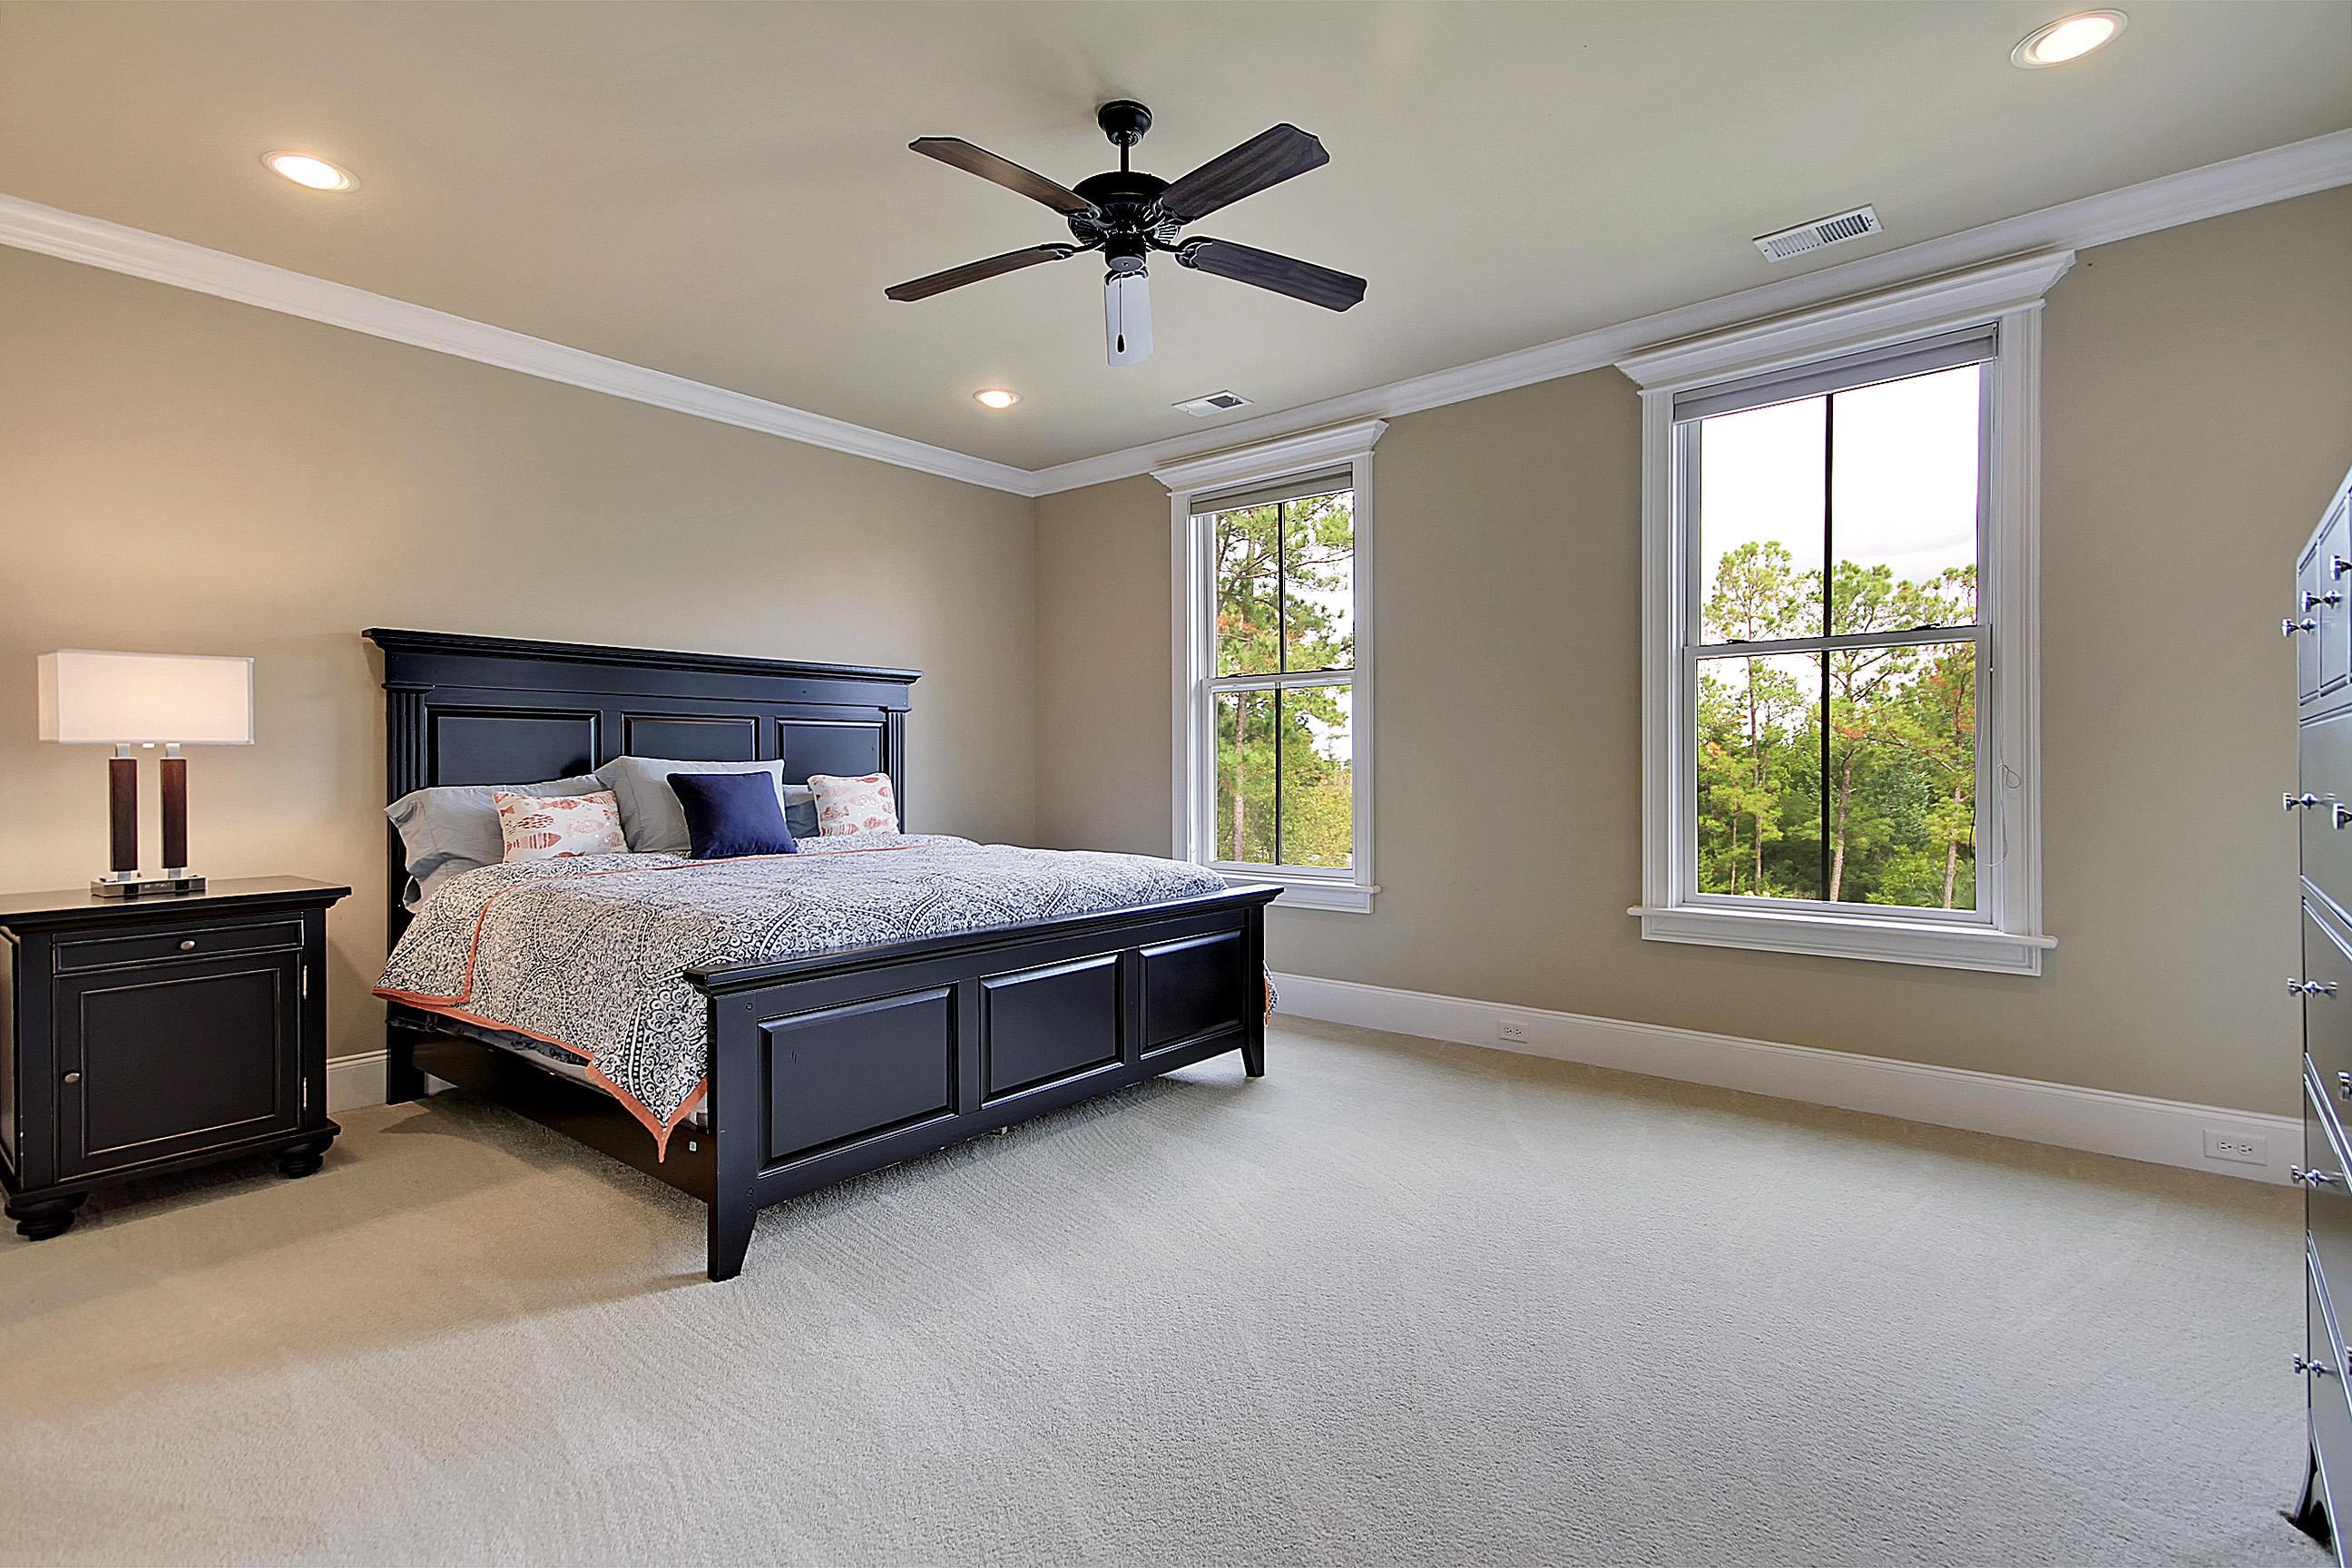 Park West Homes For Sale - 3940 Ashton Shore, Mount Pleasant, SC - 15